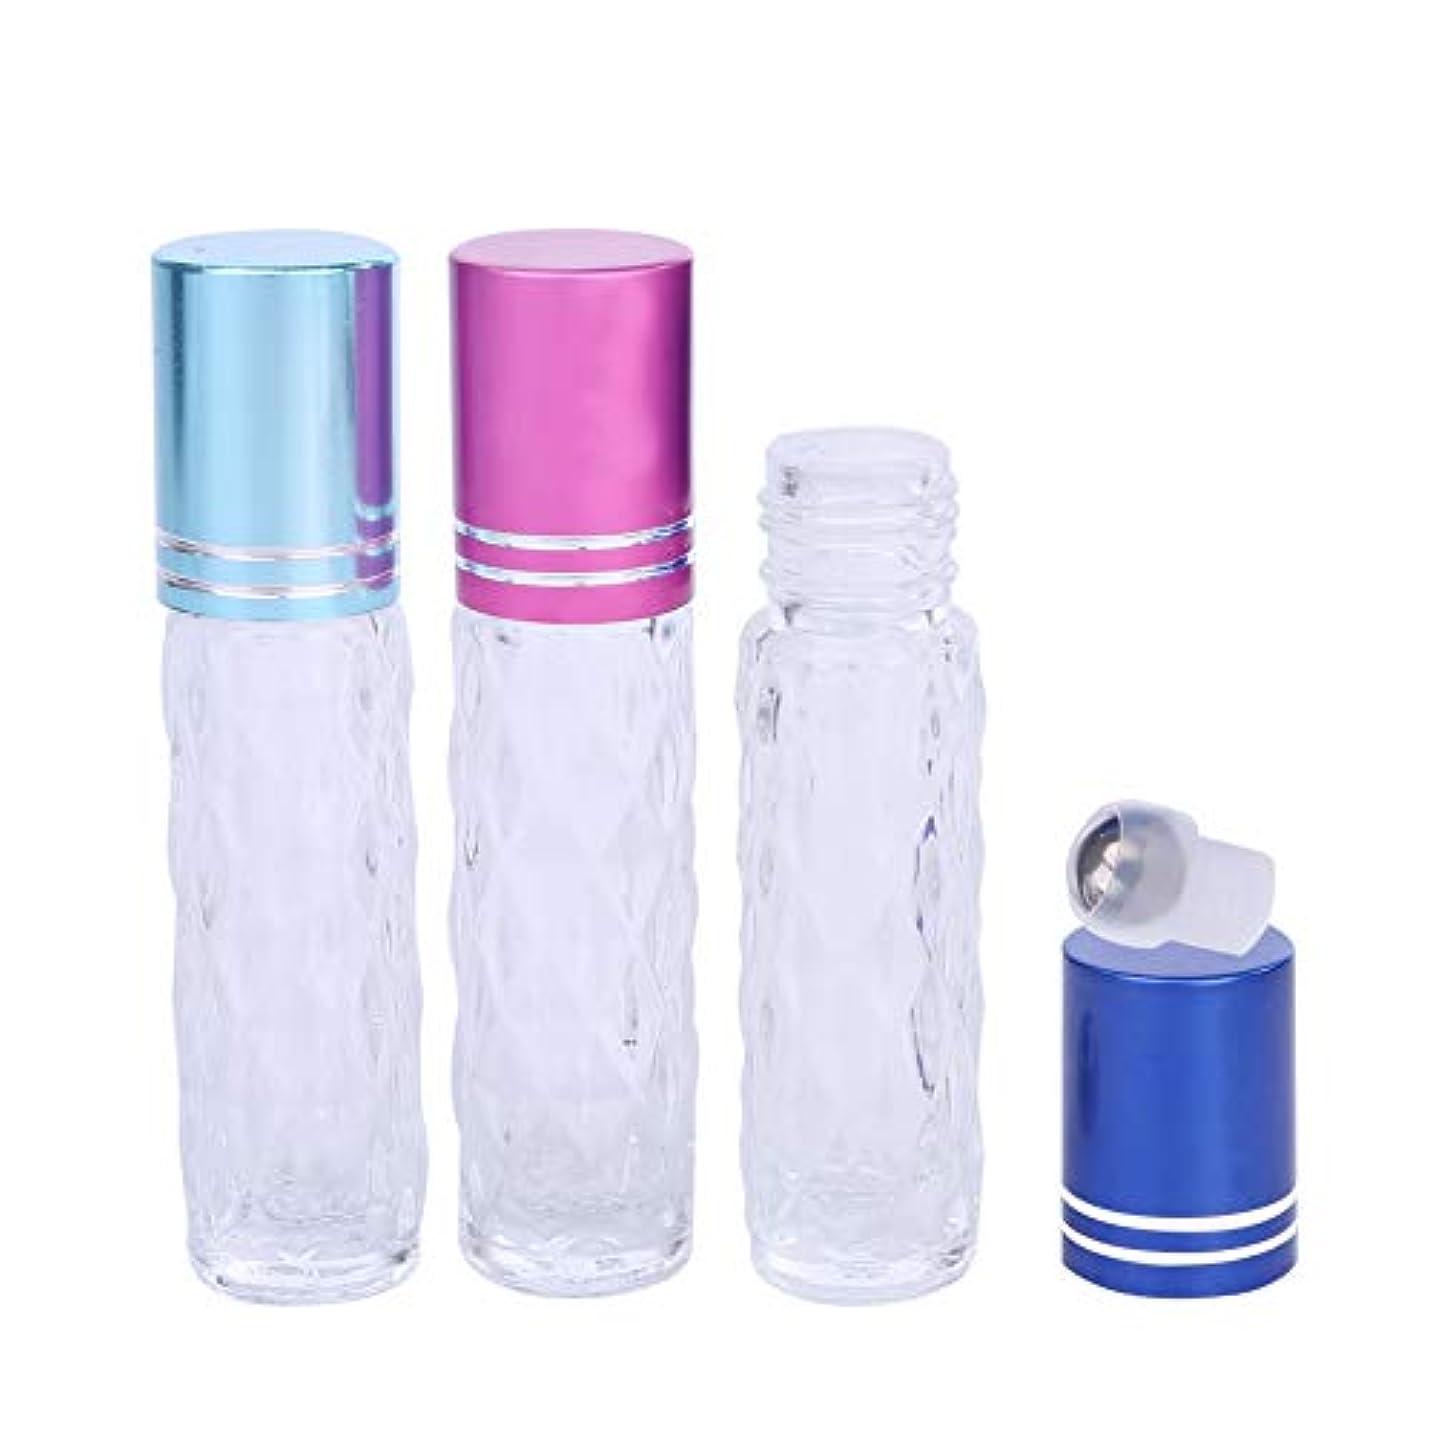 きれいに少し振るうアロマスミス ロールオンボトル 7ml 3本セット ステンレスボール スポイト付 精油 エッセンシャルオイル 保存容器 詰替え 3色セット